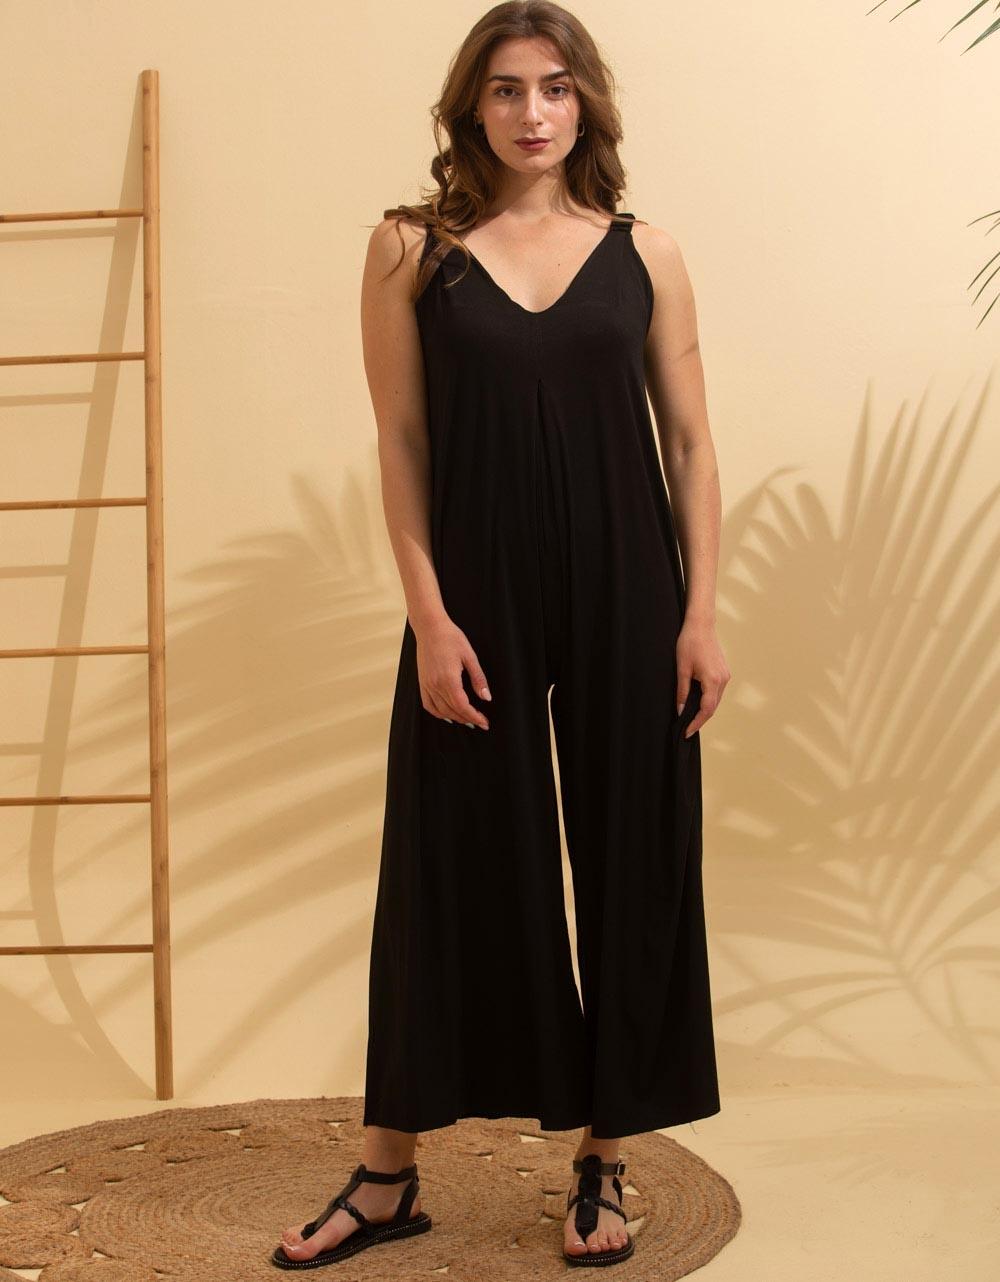 Εικόνα από Γυναικεία ολόσωμη φόρμα σε φαρδιά γραμμή Μαύρο